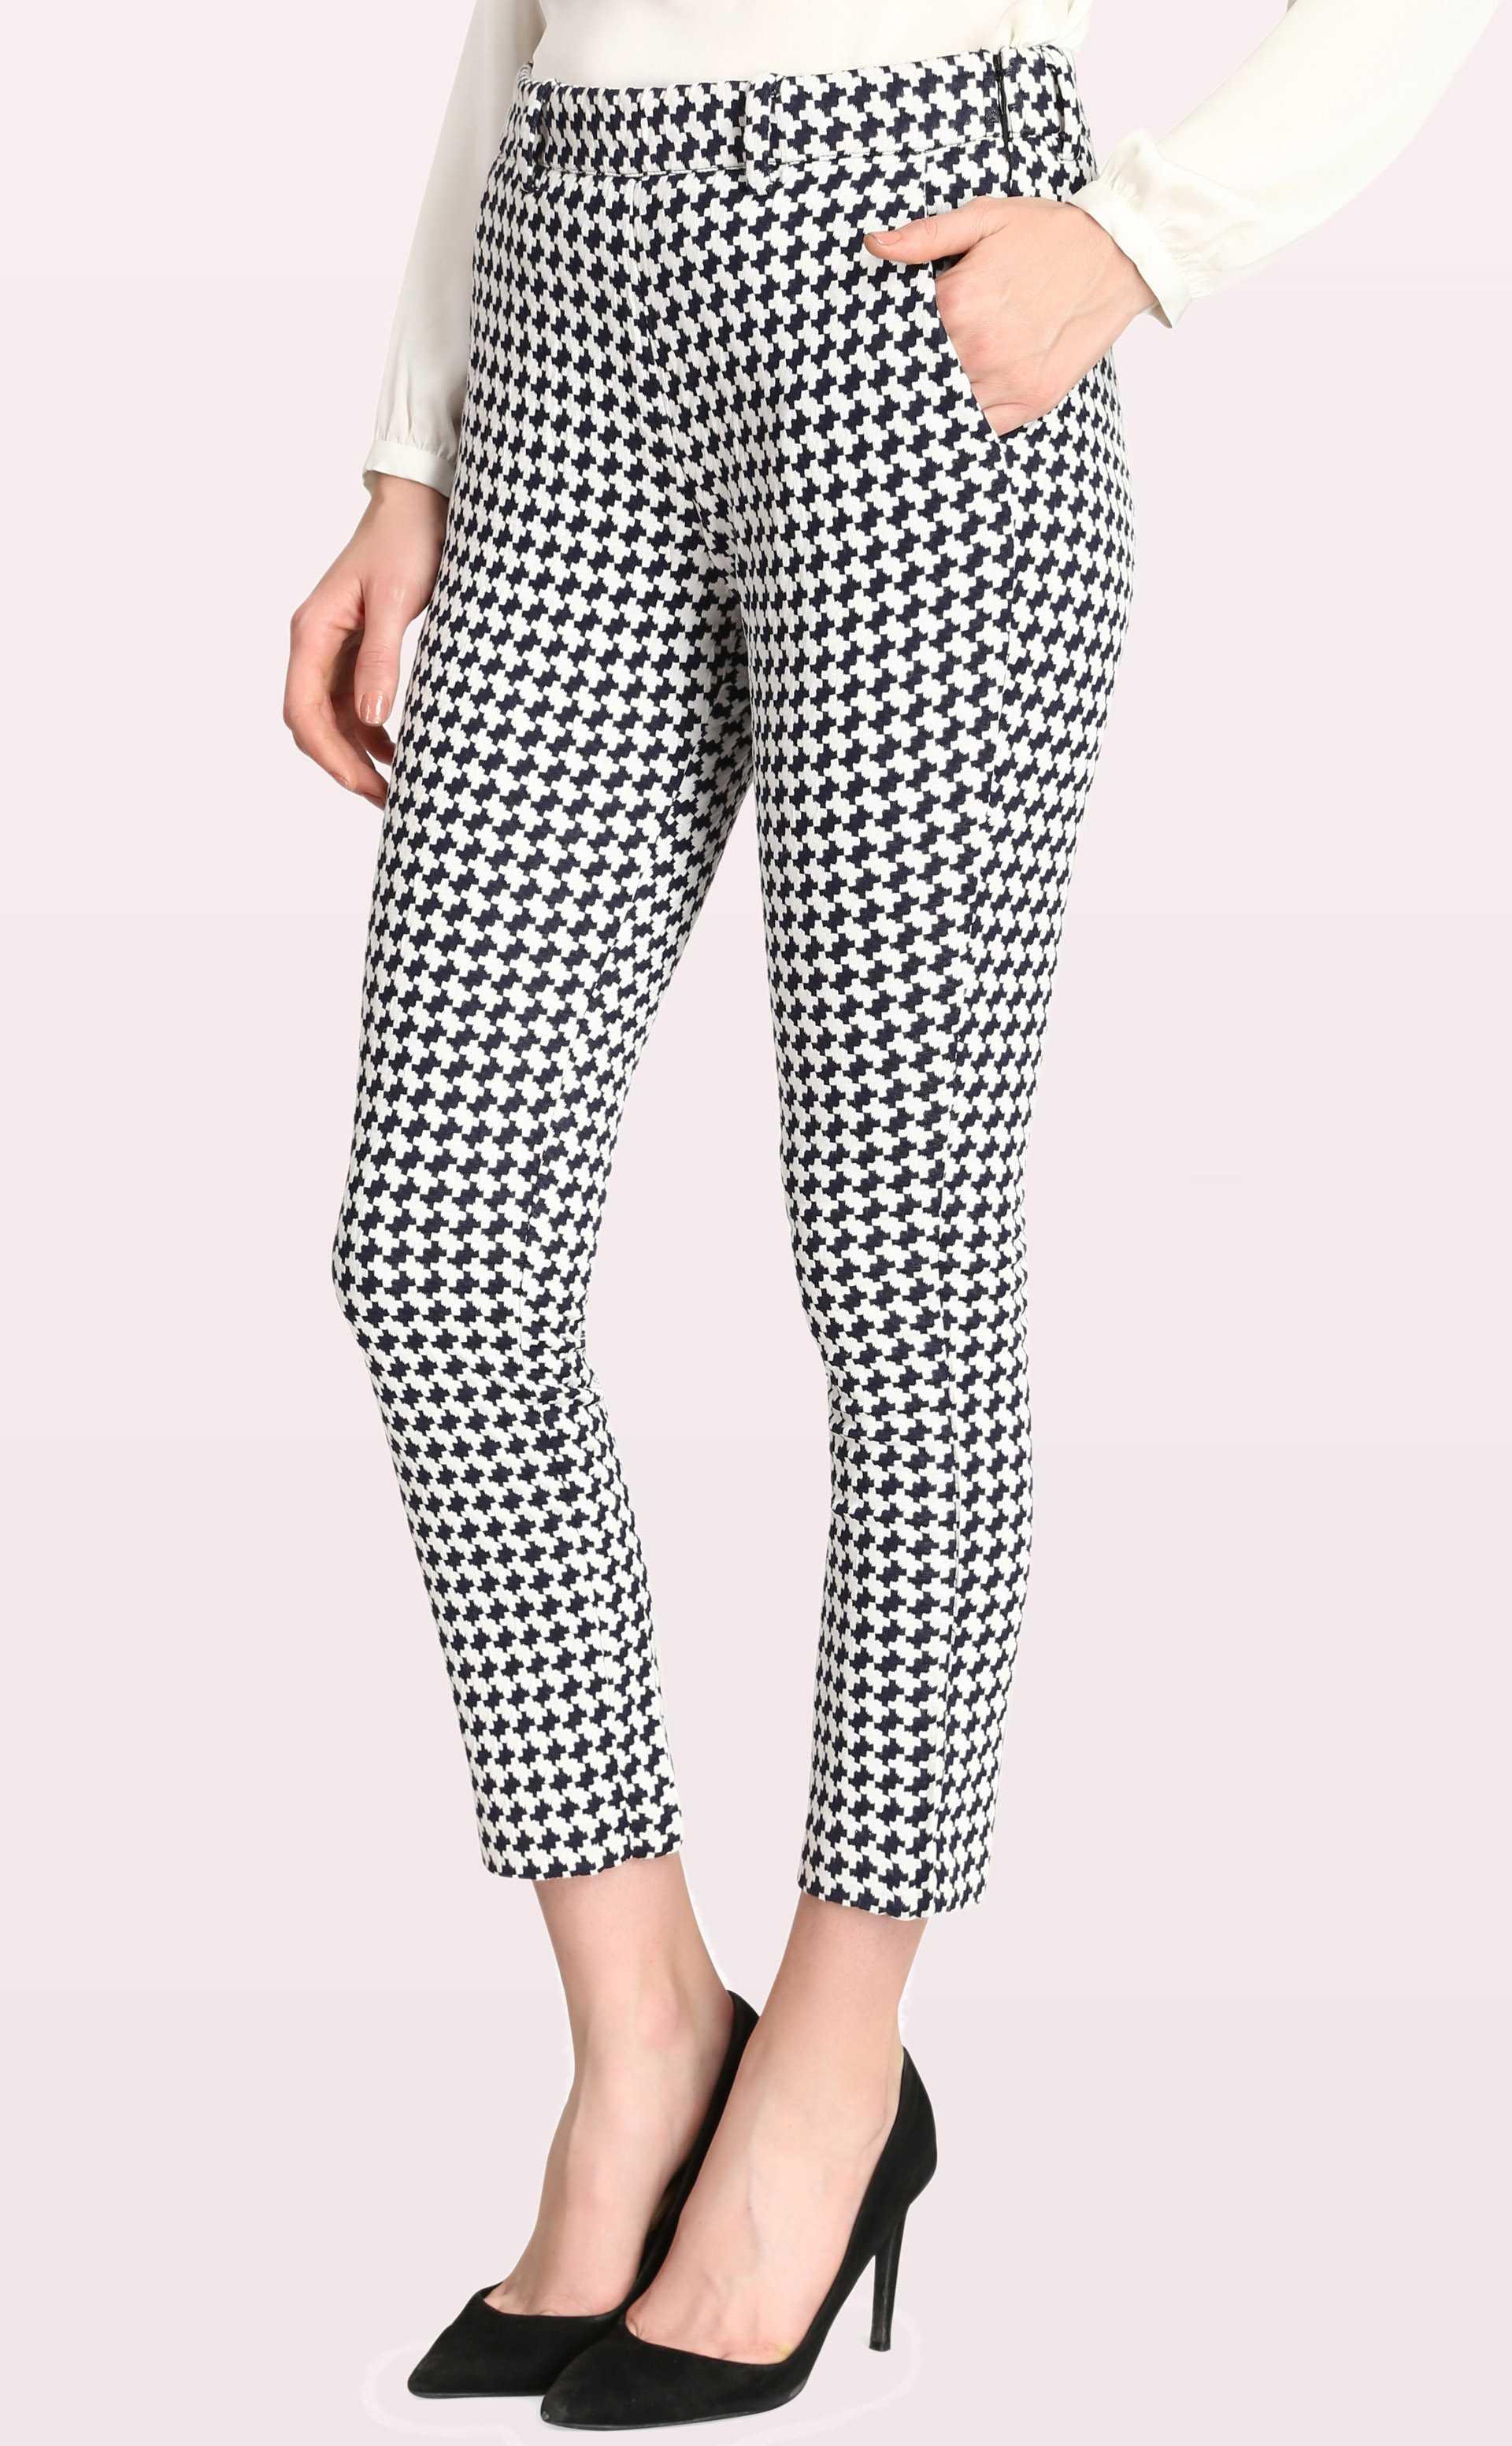 e45e7f7d649 ... notched crop pants for women